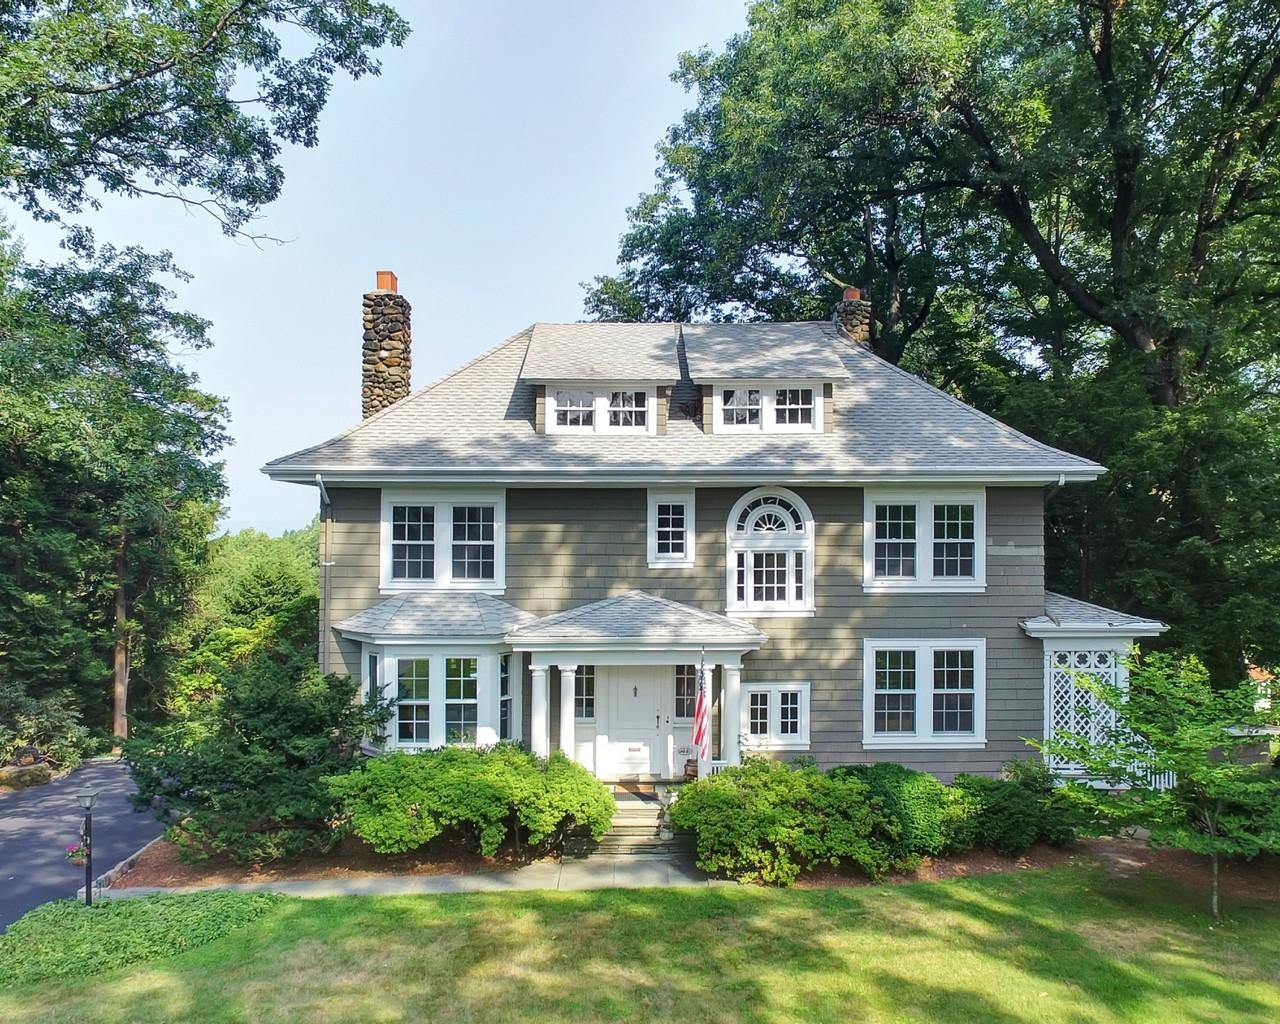 Casa Unifamiliar por un Venta en Grand Center Hall Colonial 44 Rensselaer Rd. Essex Fells, Nueva Jersey, 07021 Estados Unidos